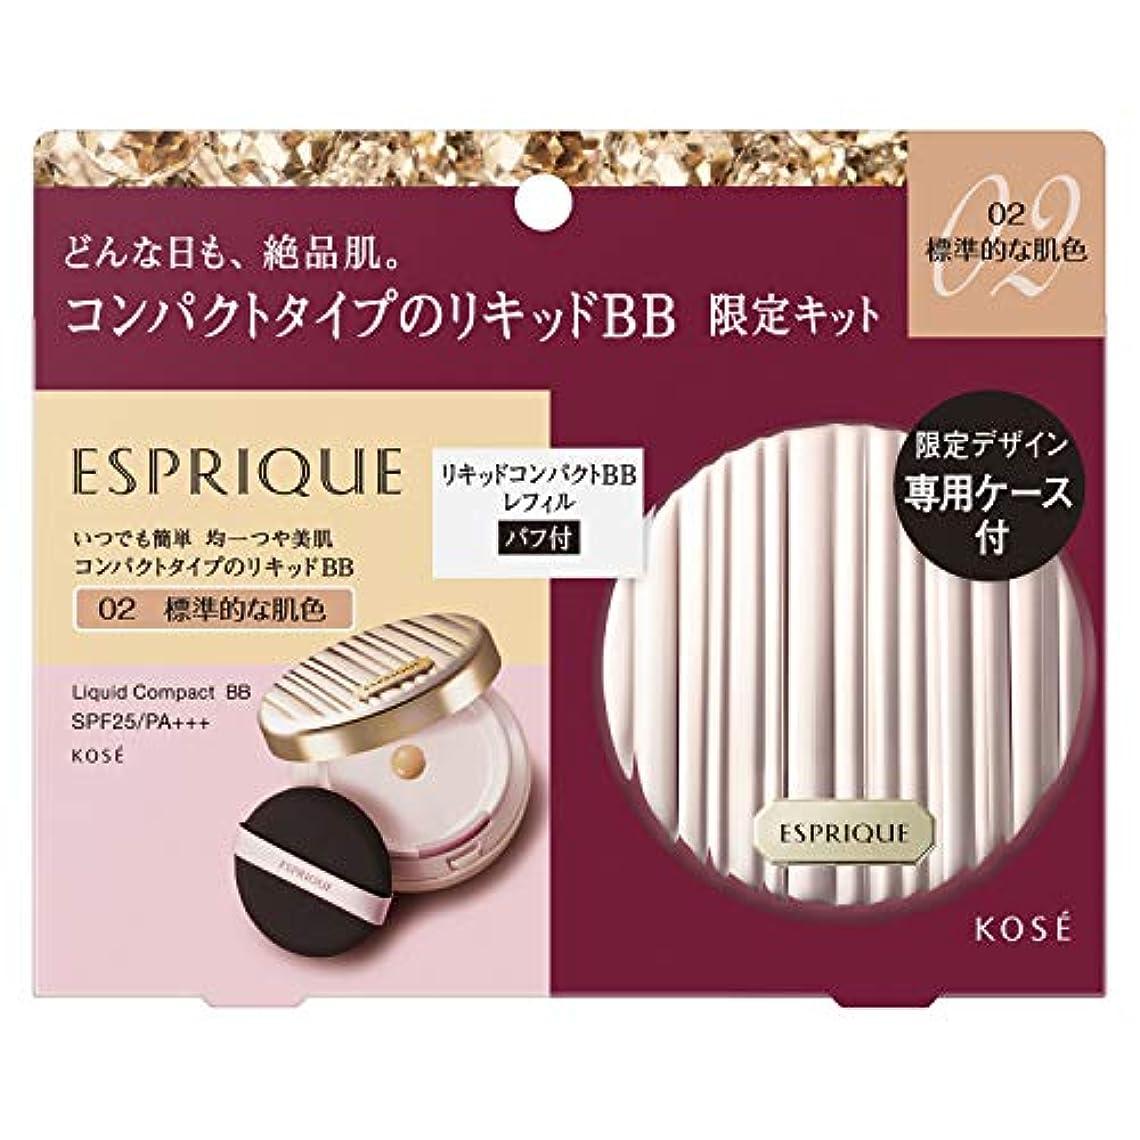 便利テスト魅了するエスプリーク リキッド コンパクト BB 限定キット 2 02 標準的な肌色